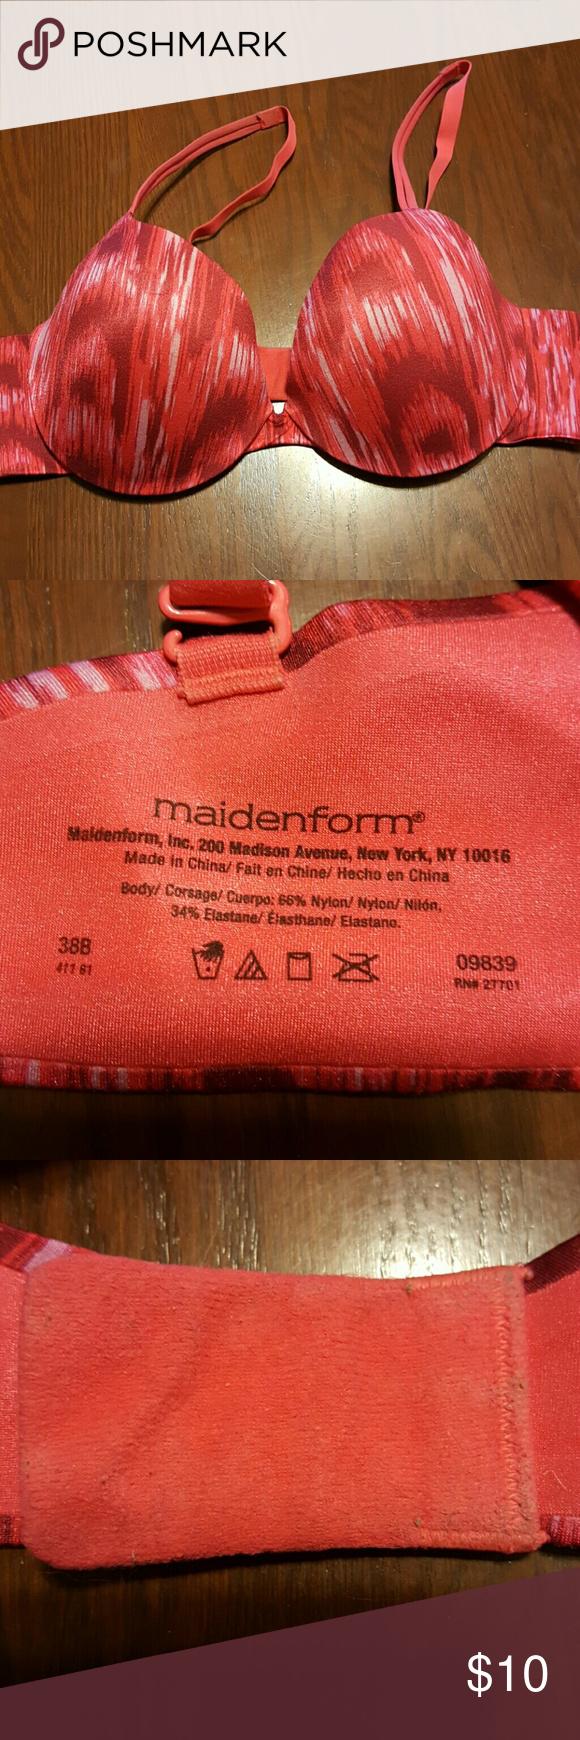 Maidenform 09839 pink/red bra underwire, padded